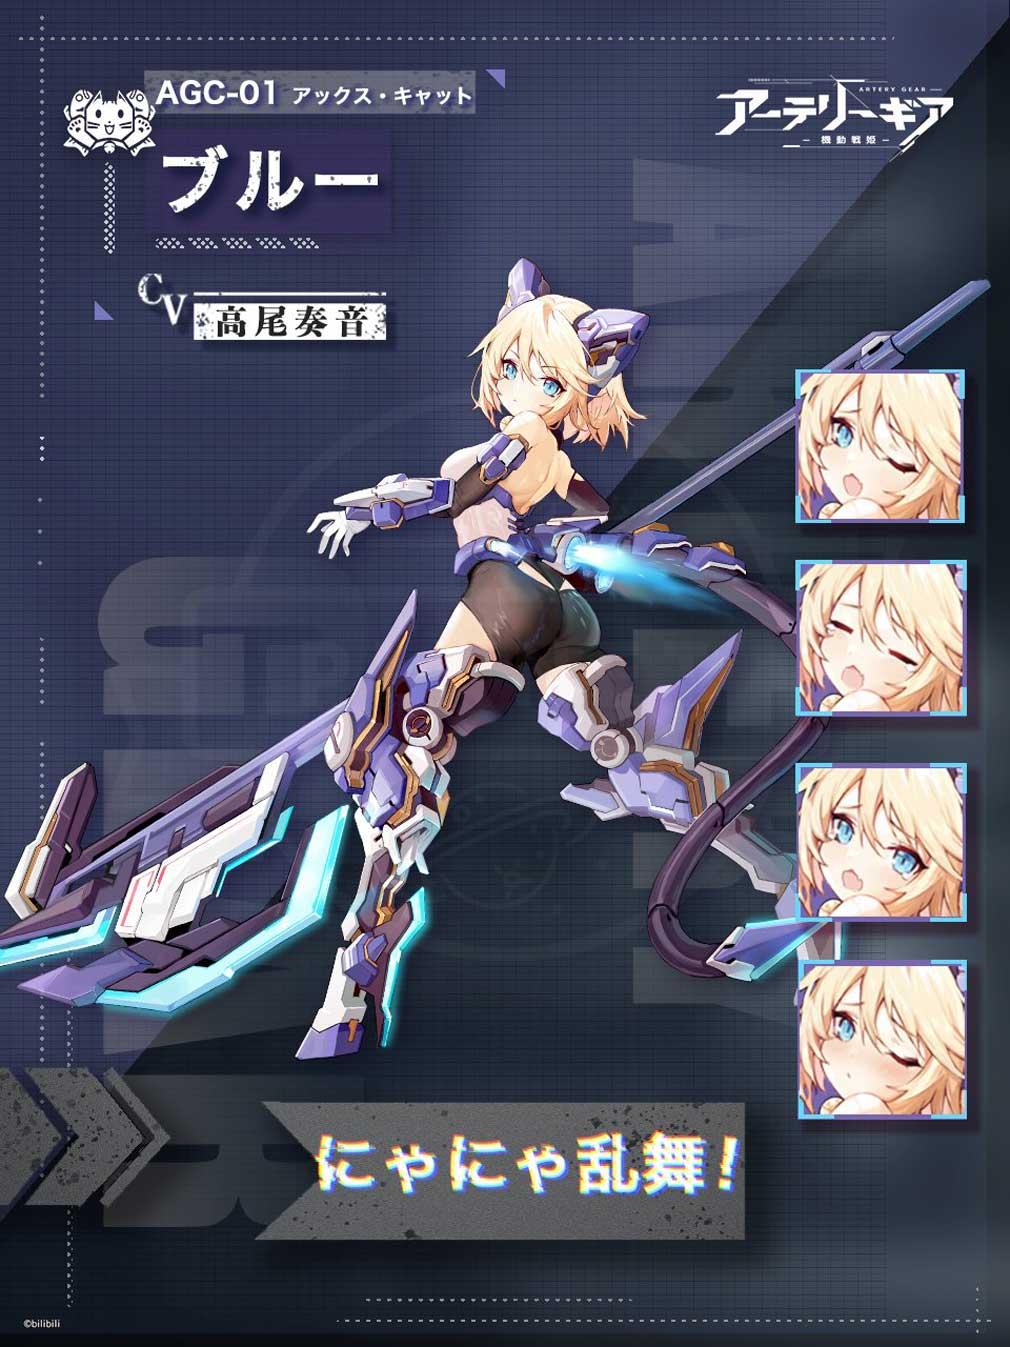 アーテリーギア 機動戦姫(アテギア) キャラクター『ブルー』紹介イメージ